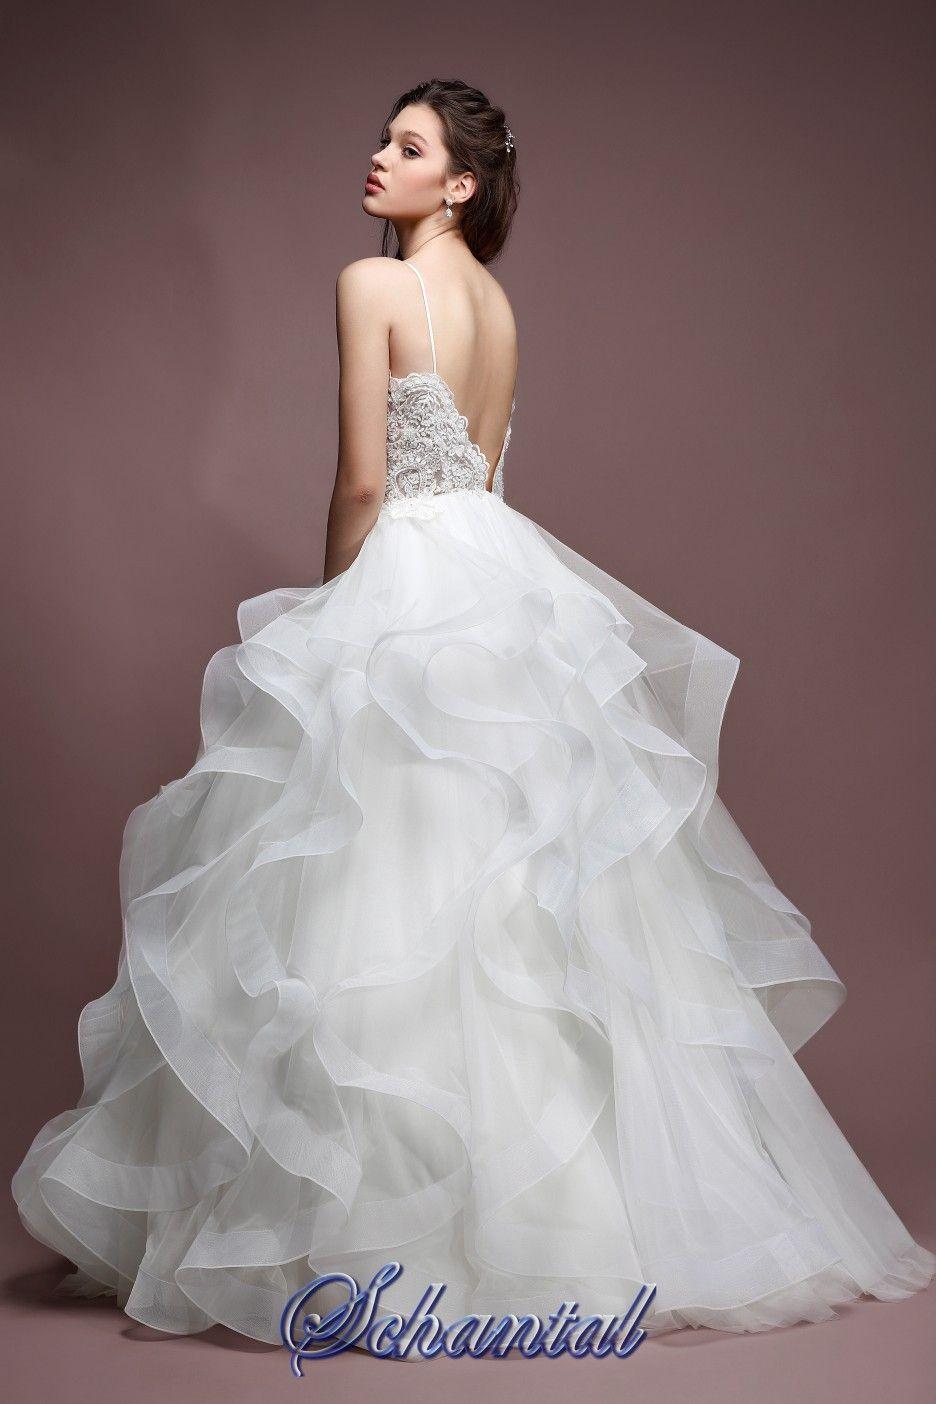 Brautmode Schantal art. 17  Brautmode, Kleid hochzeit, Brautkleid